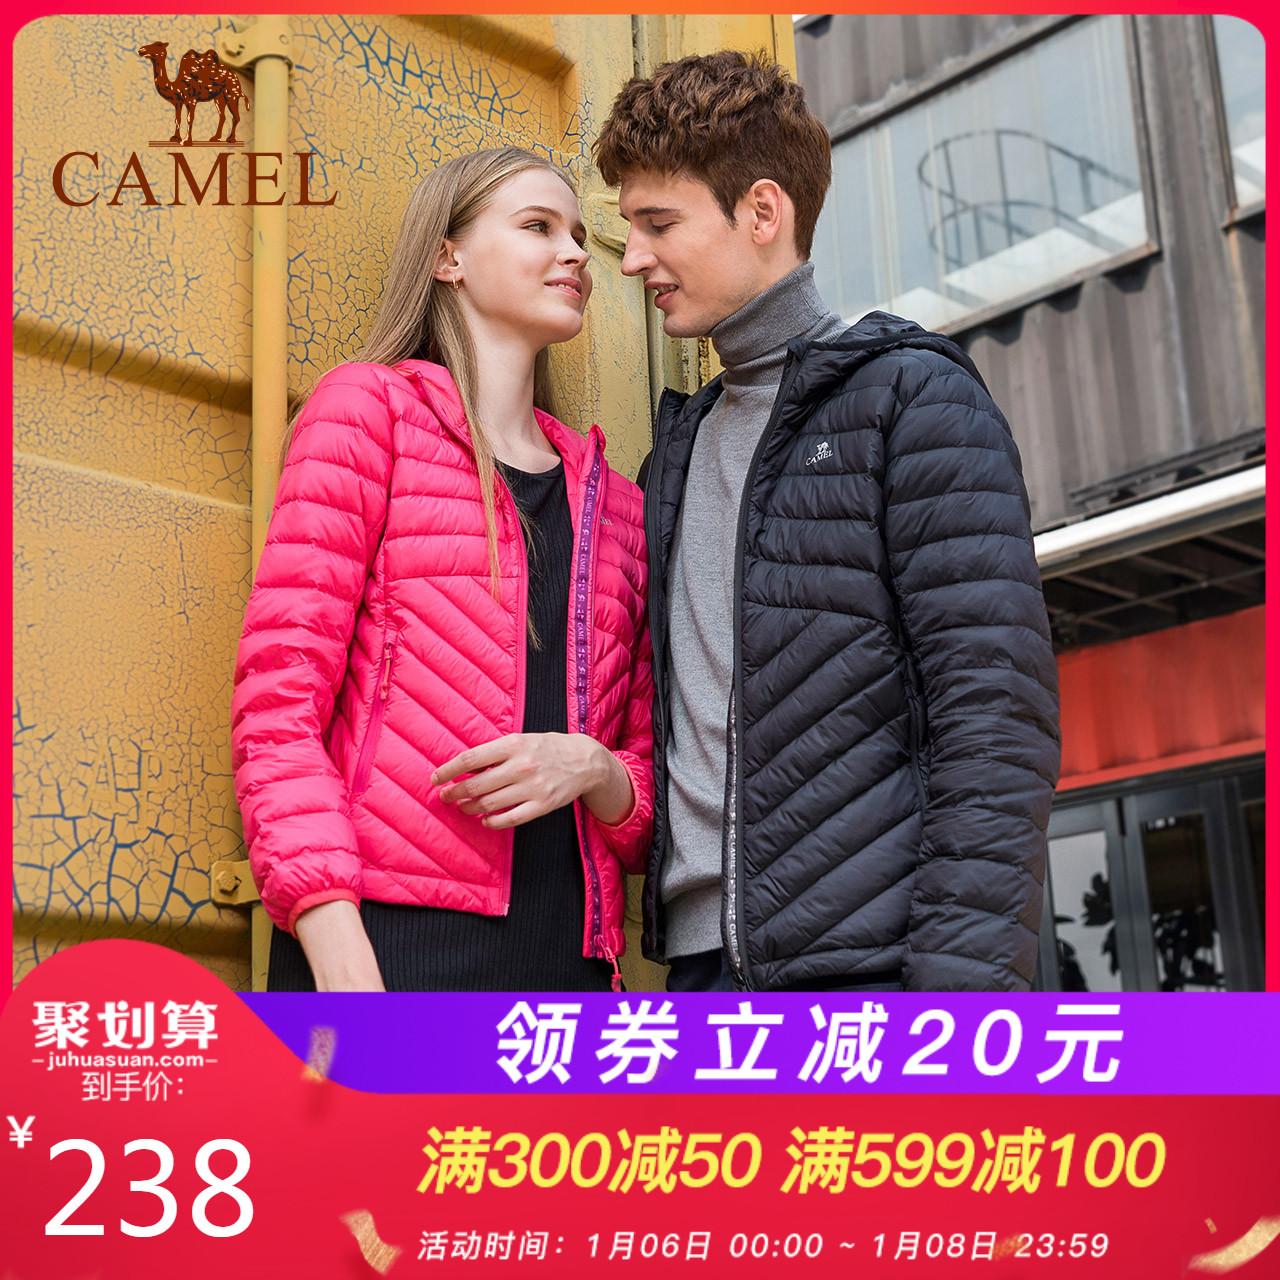 【2018新品】骆驼户外羽绒服男女短款保暖外套秋冬运动轻薄羽绒衣